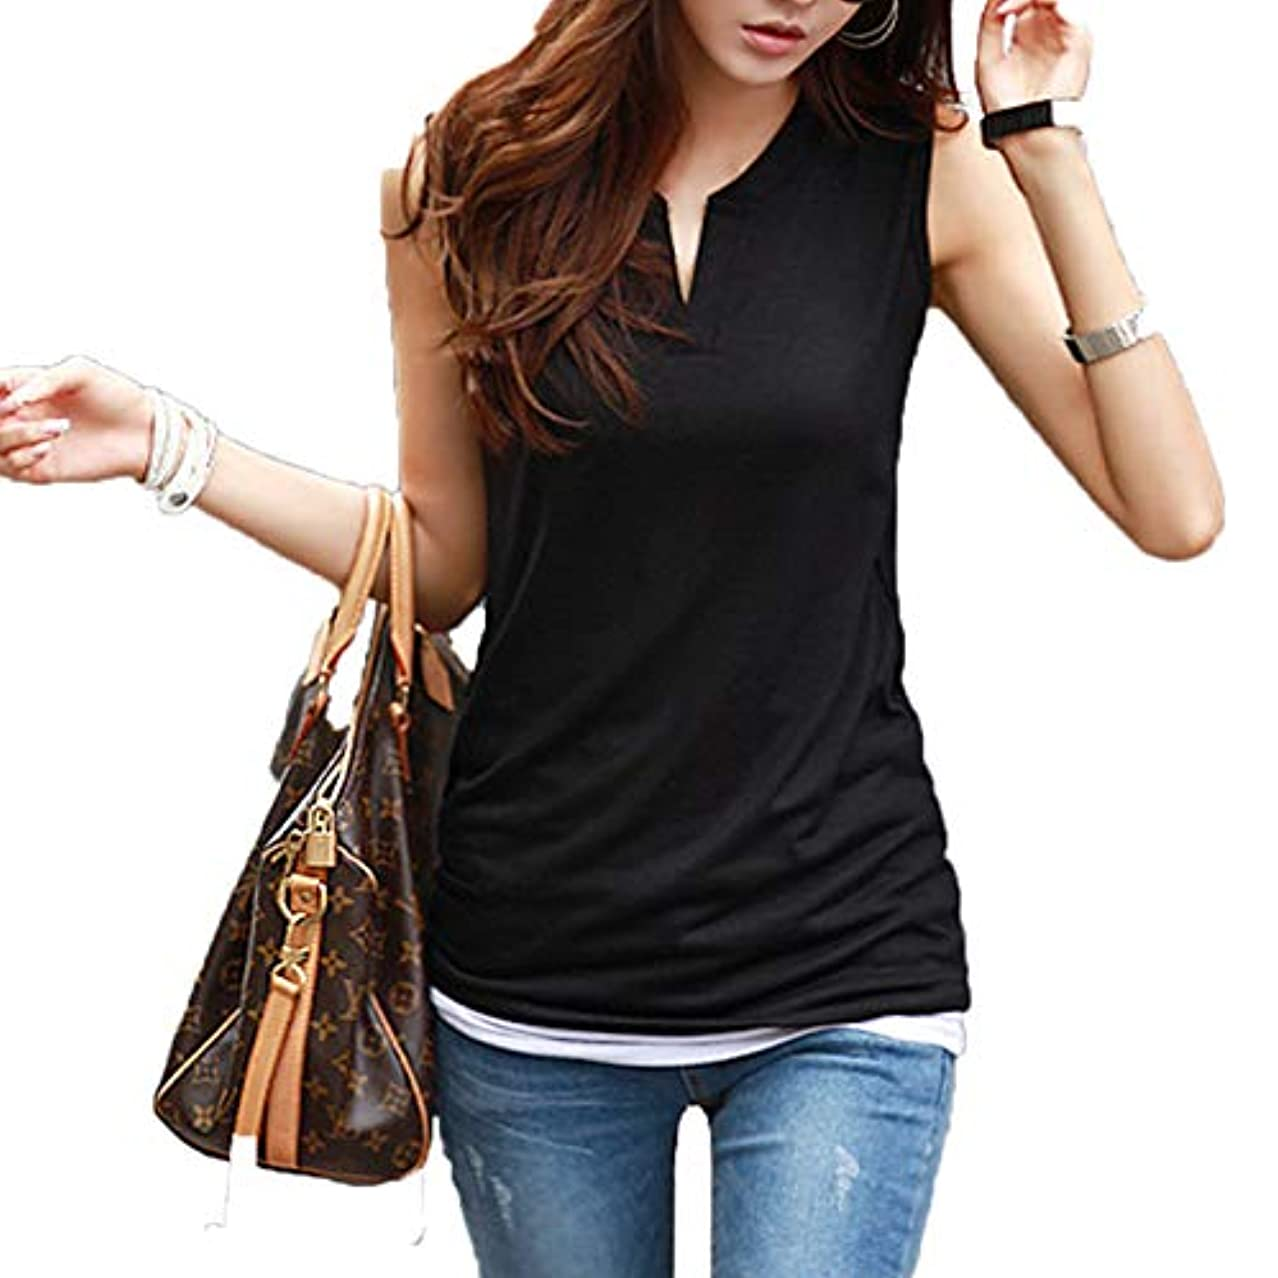 鮮やかなステップ有利[ココチエ] 夏 Tシャツ プルオーバー レディース ブラウス ノースリーブ 半袖 V コットン 白 かっこいい かわいい おしゃれ